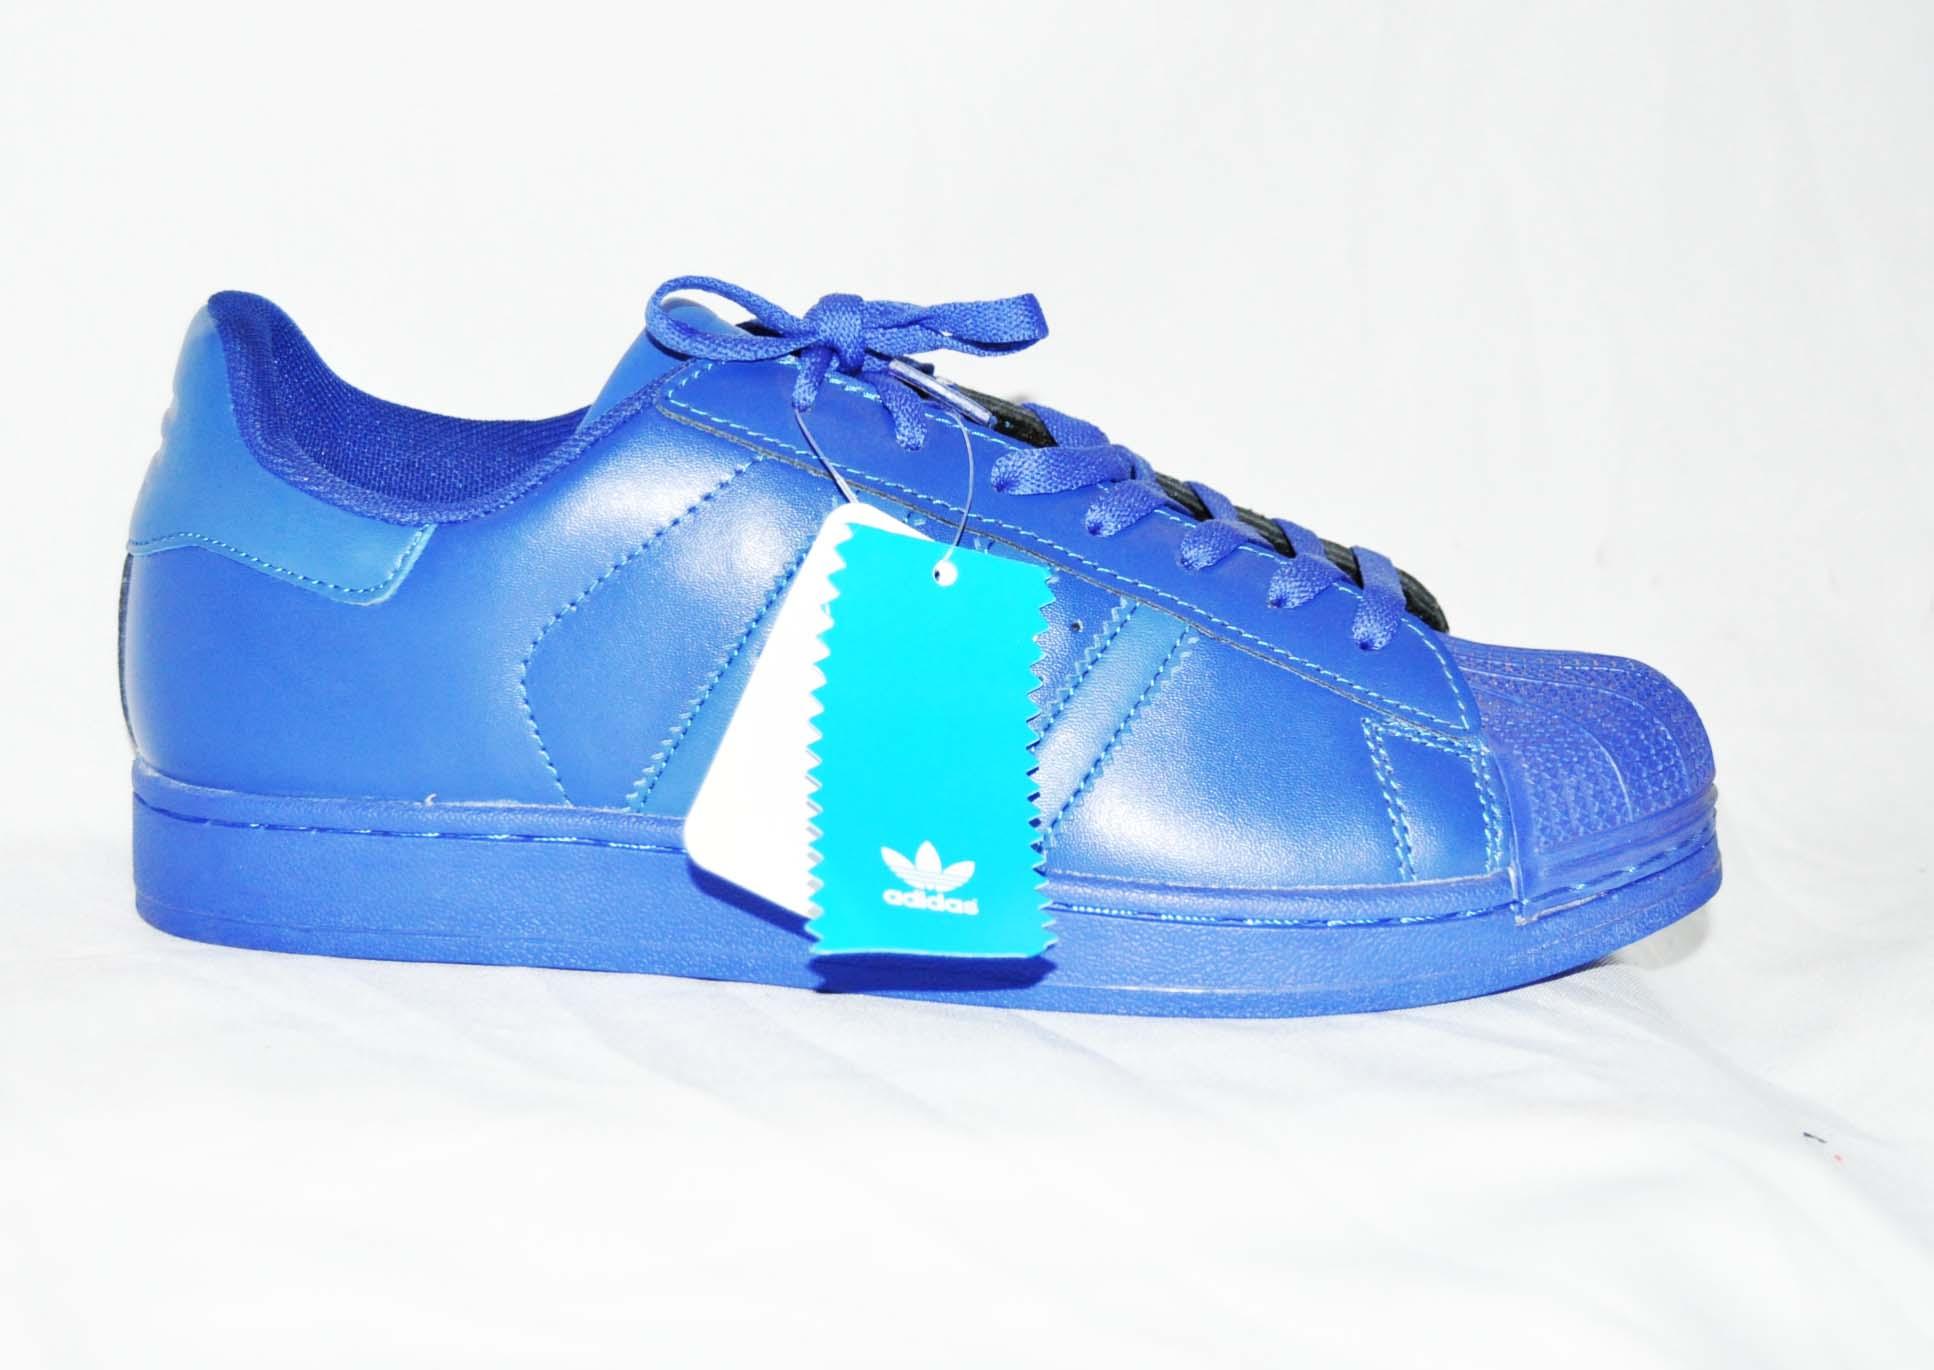 Chaussure Adidas Cochon Basket chaussures Shoppinglist De Tête AUqvwvd